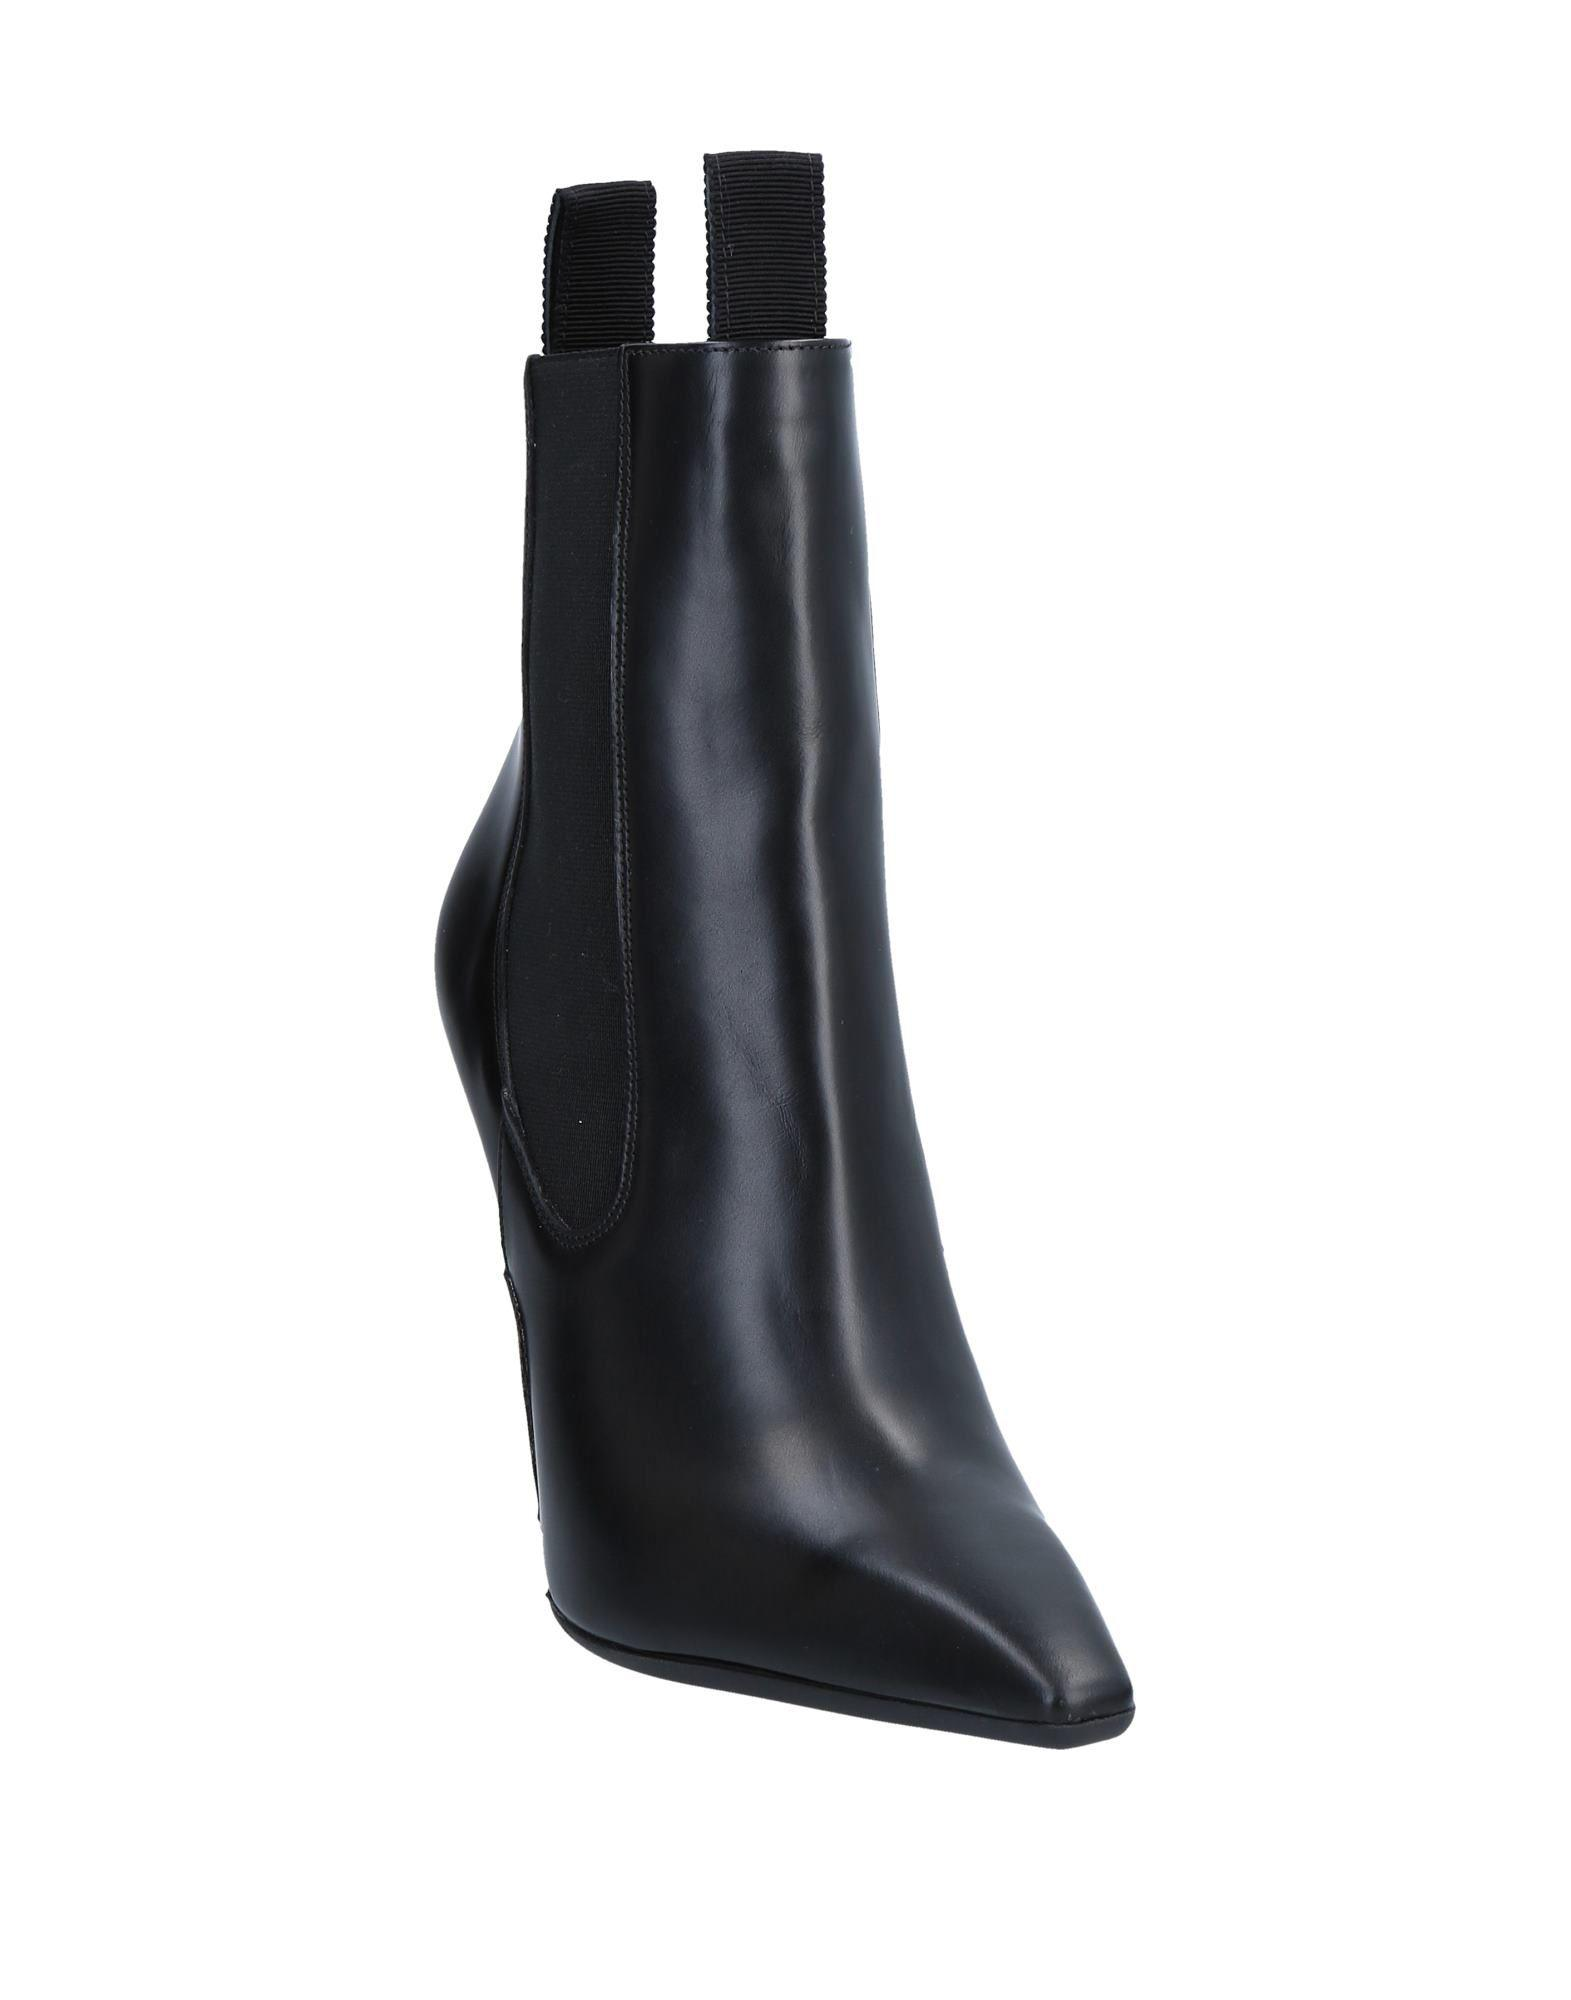 Botines de caña alta Versace de Cuero de color Negro